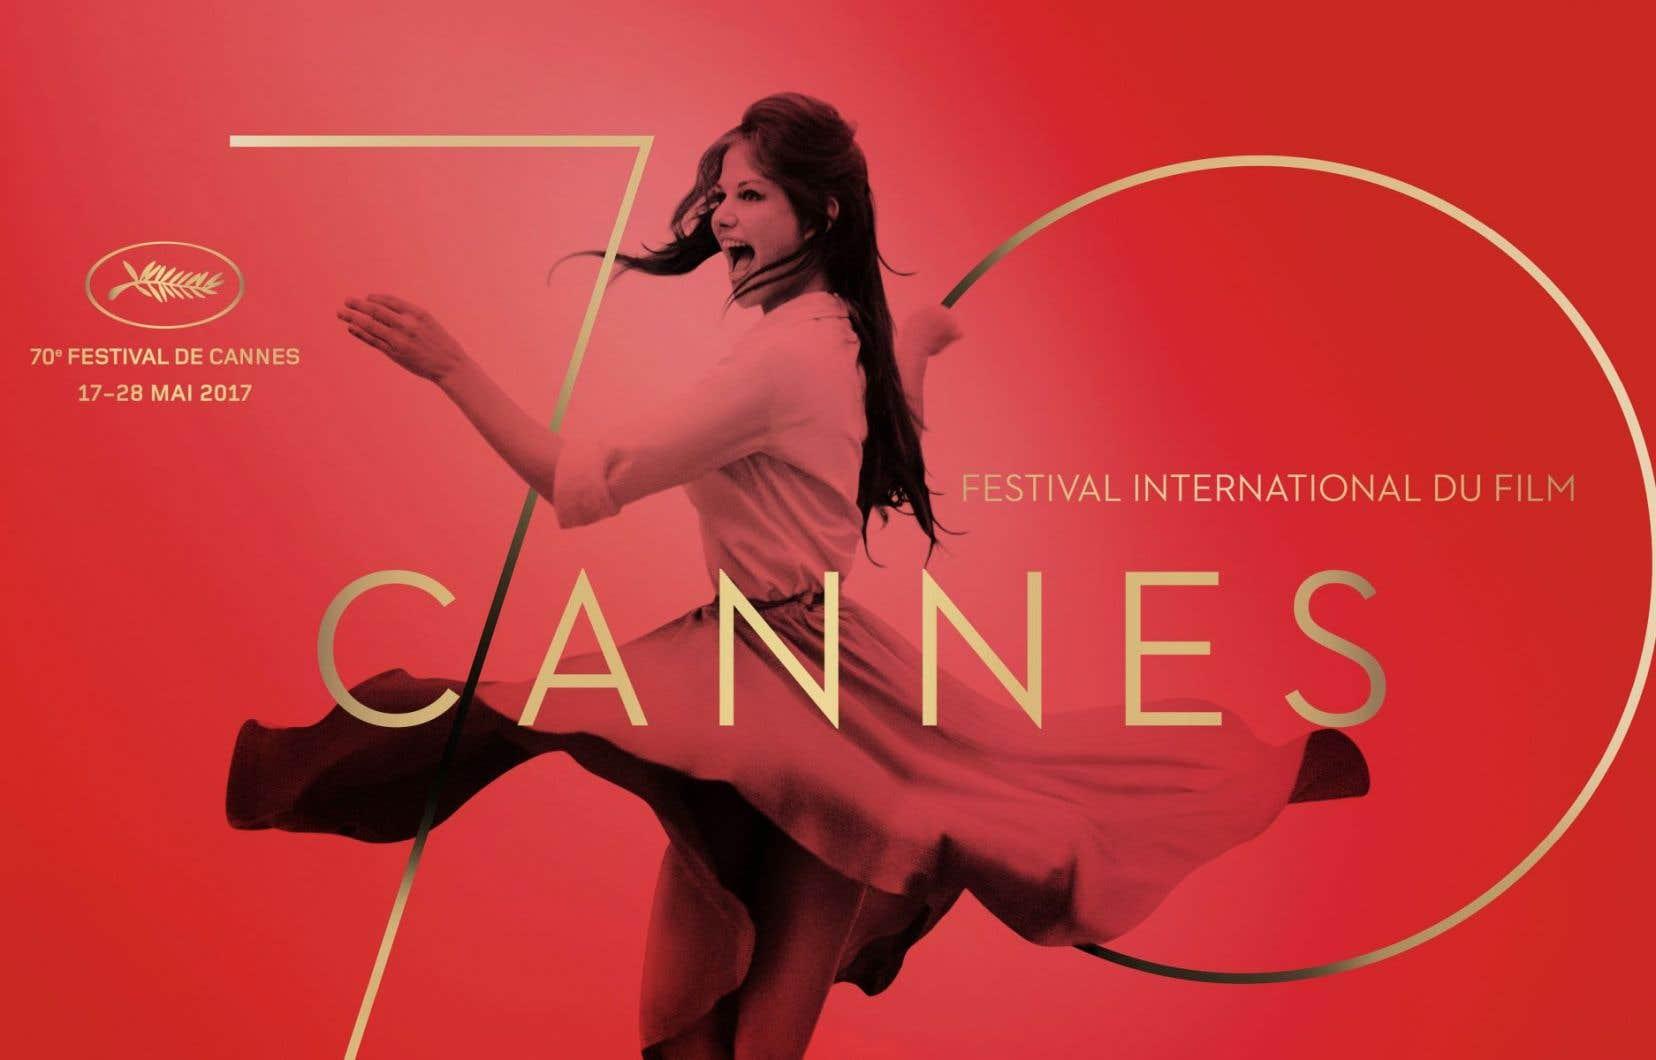 L'affiche officielle du 70e Festival de Cannes se veut «joyeuse, libre et audacieuse», rendant hommage «à une comédienne aventurière, femme indépendante, citoyenne engagée», selon un communiqué des organisateurs.